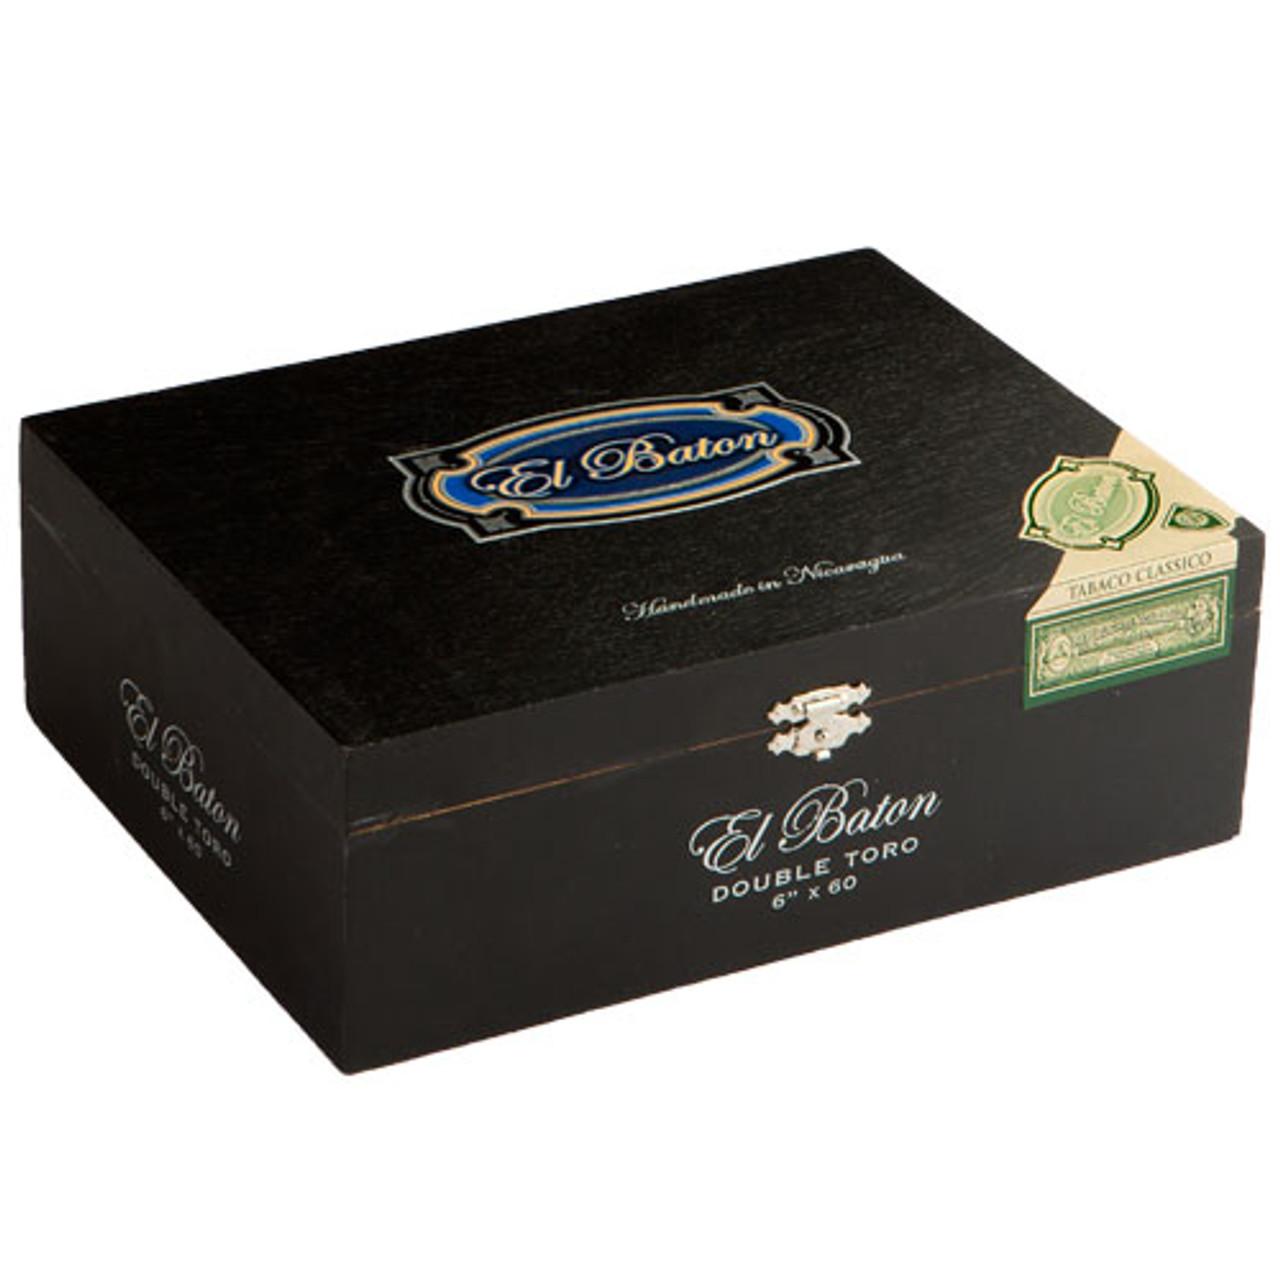 El Baton Belicoso Cigars - 5 x 56 (Box of 25)